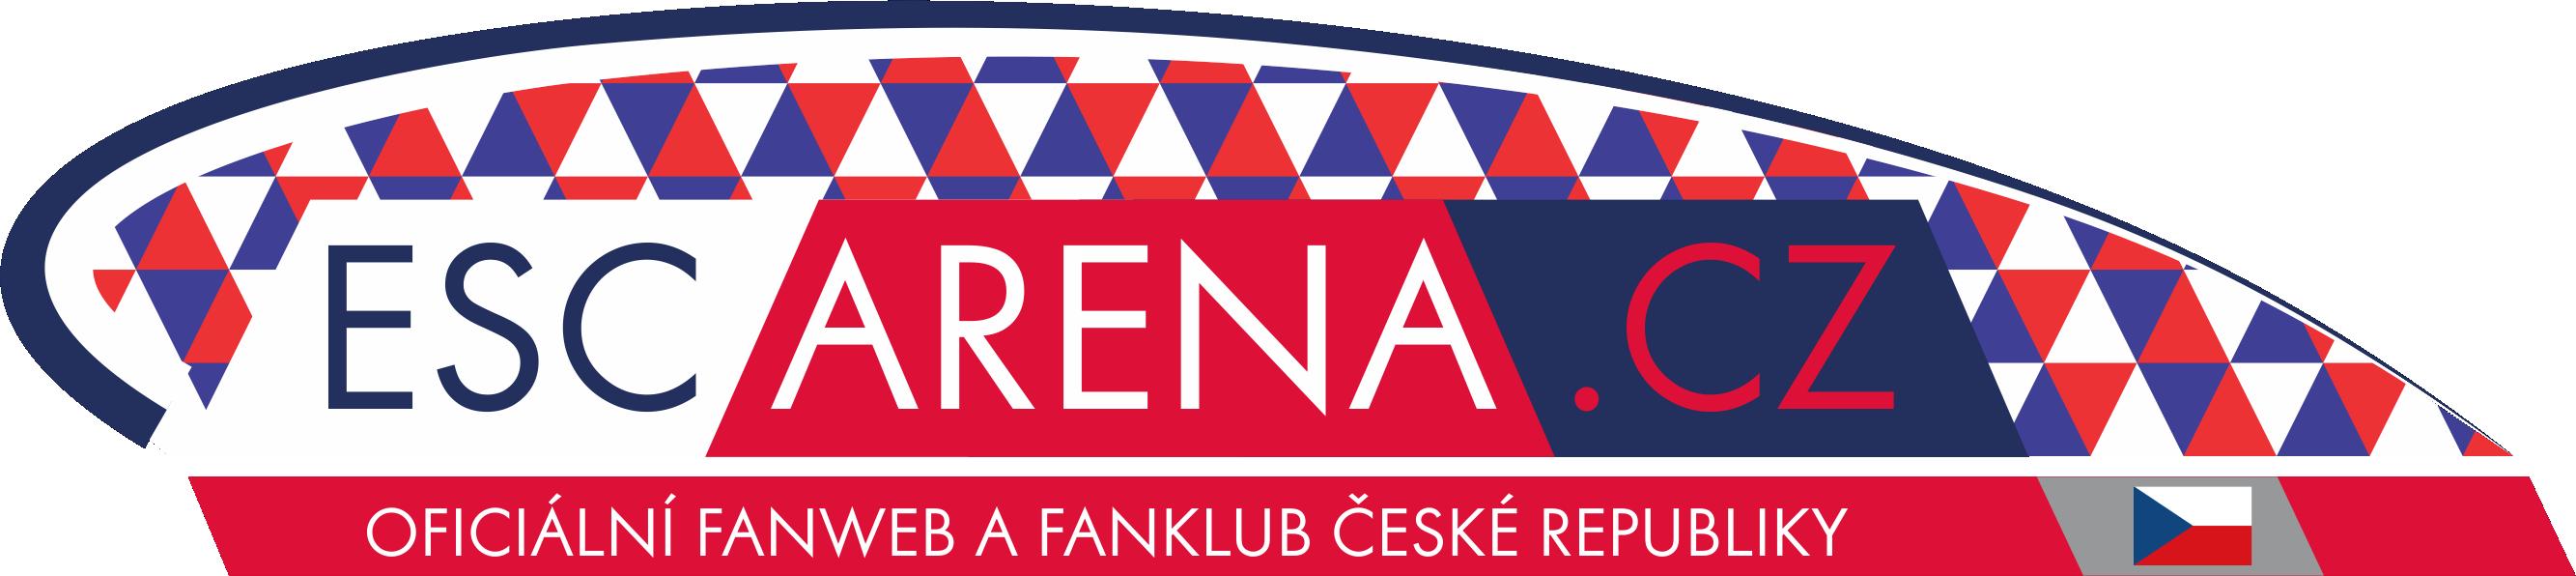 ESC Arena